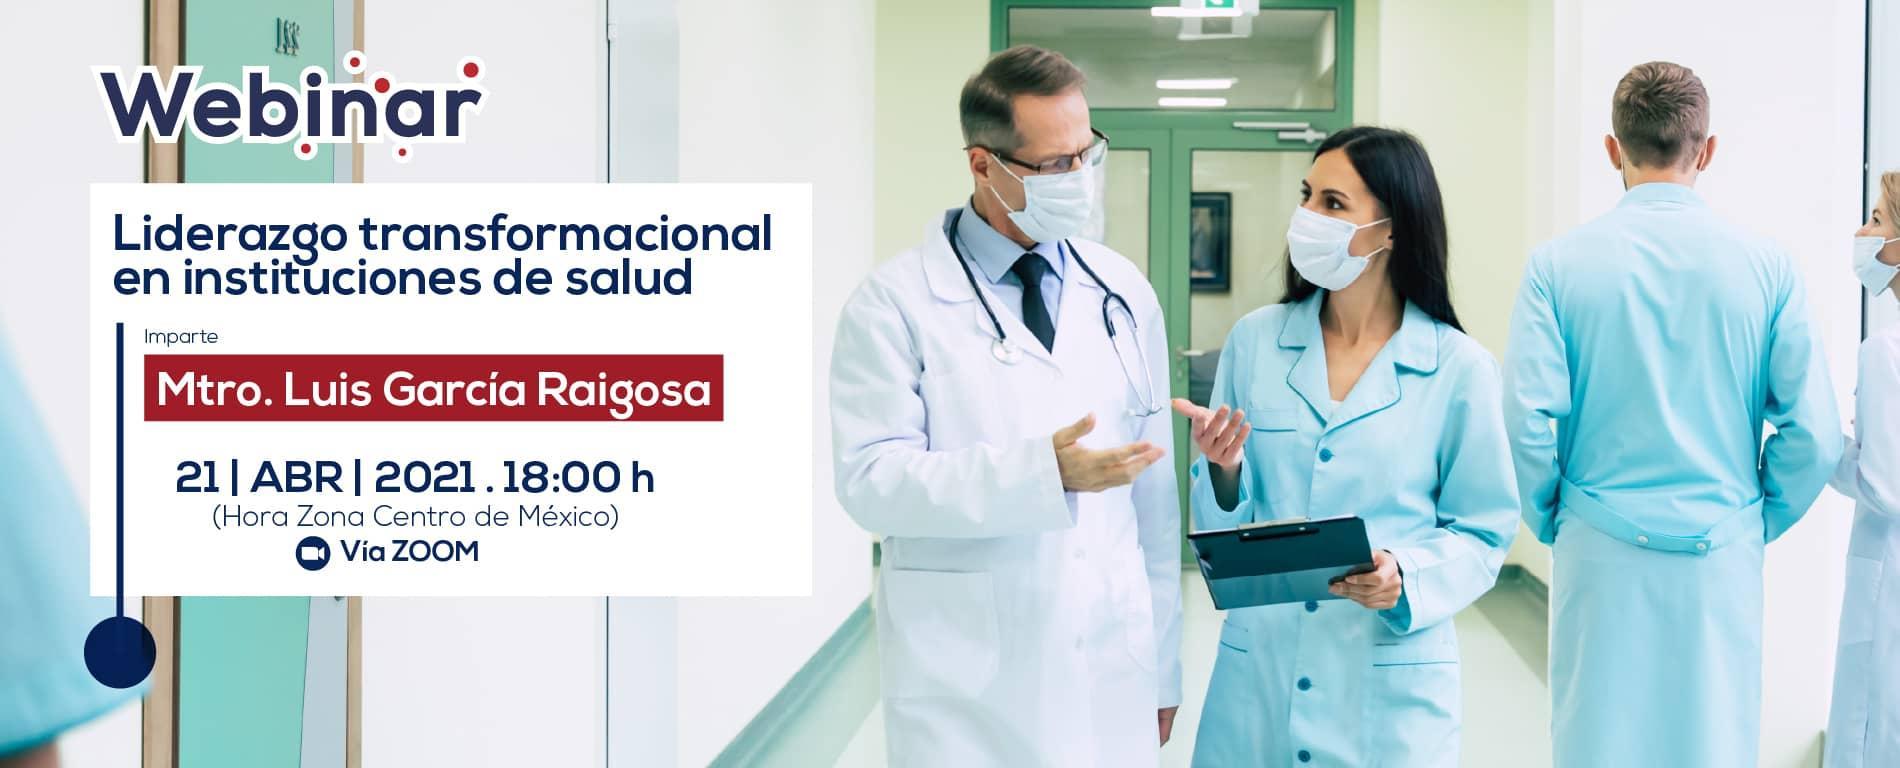 Liderazgo transformacional en instituciones de salud